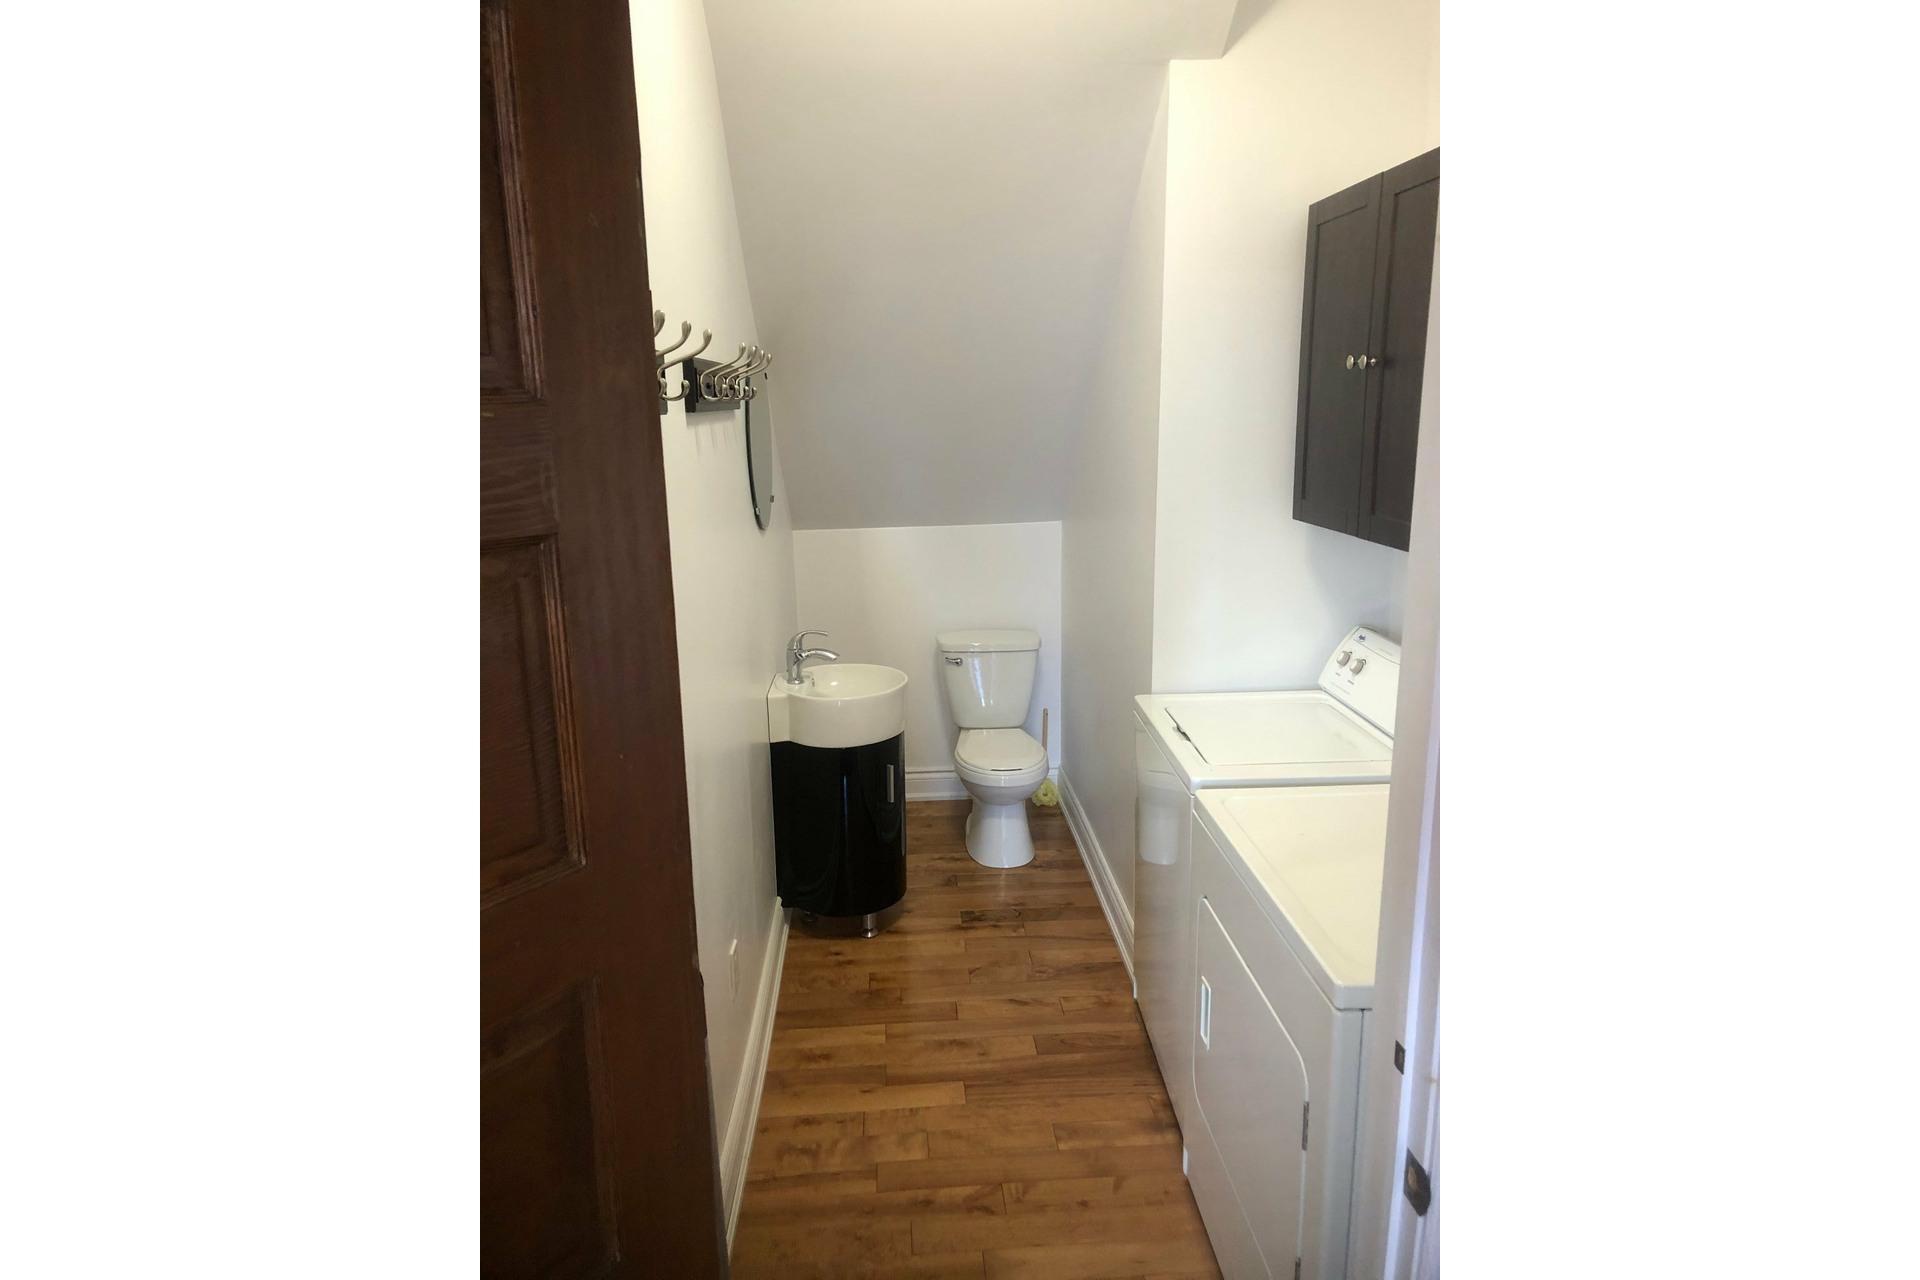 image 10 - House For rent Rivière-des-Prairies/Pointe-aux-Trembles Montréal  - 7 rooms